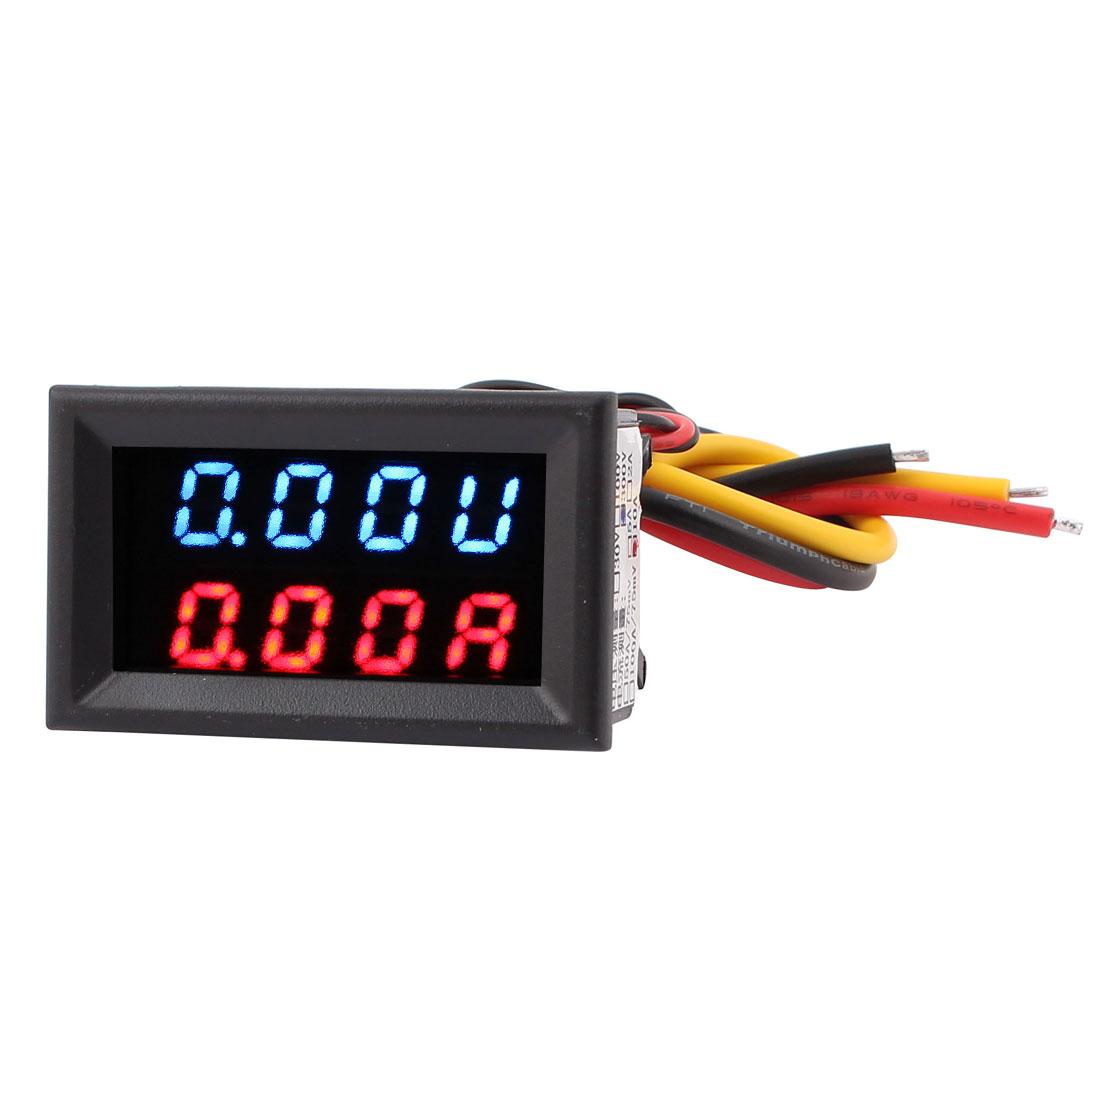 DC 0-300V 0-10A Blue Red LED Dual Digital Panel Voltmeter Ammeter Meter Gauge